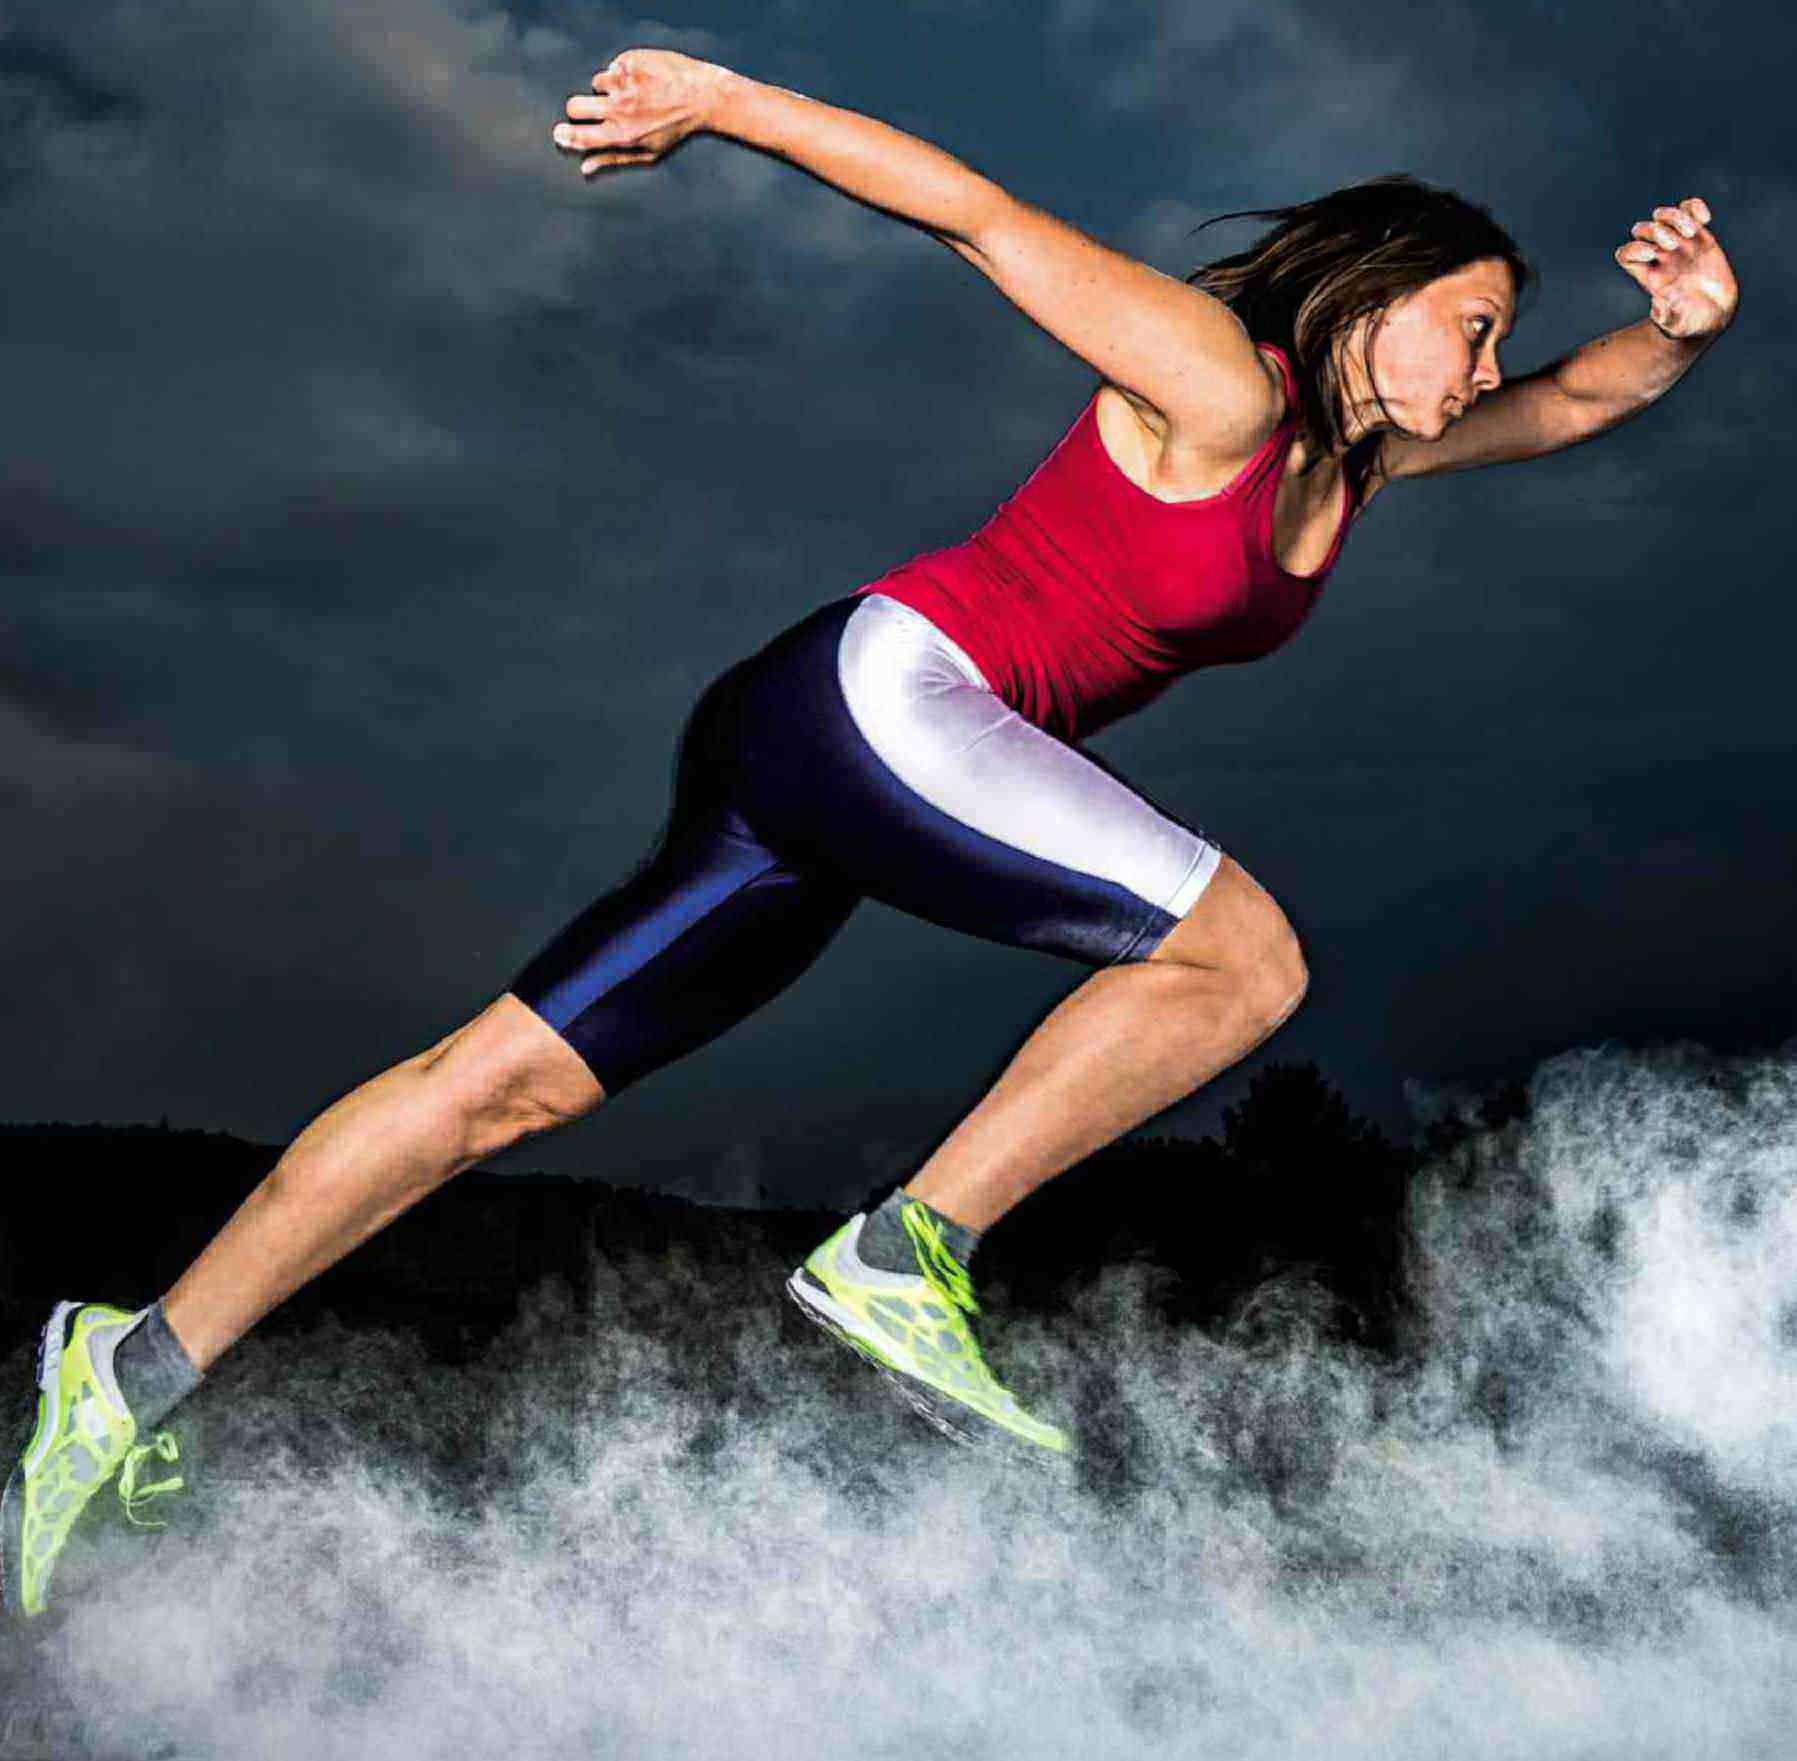 Беговые травмы часто включают травму колена и лодыжки.